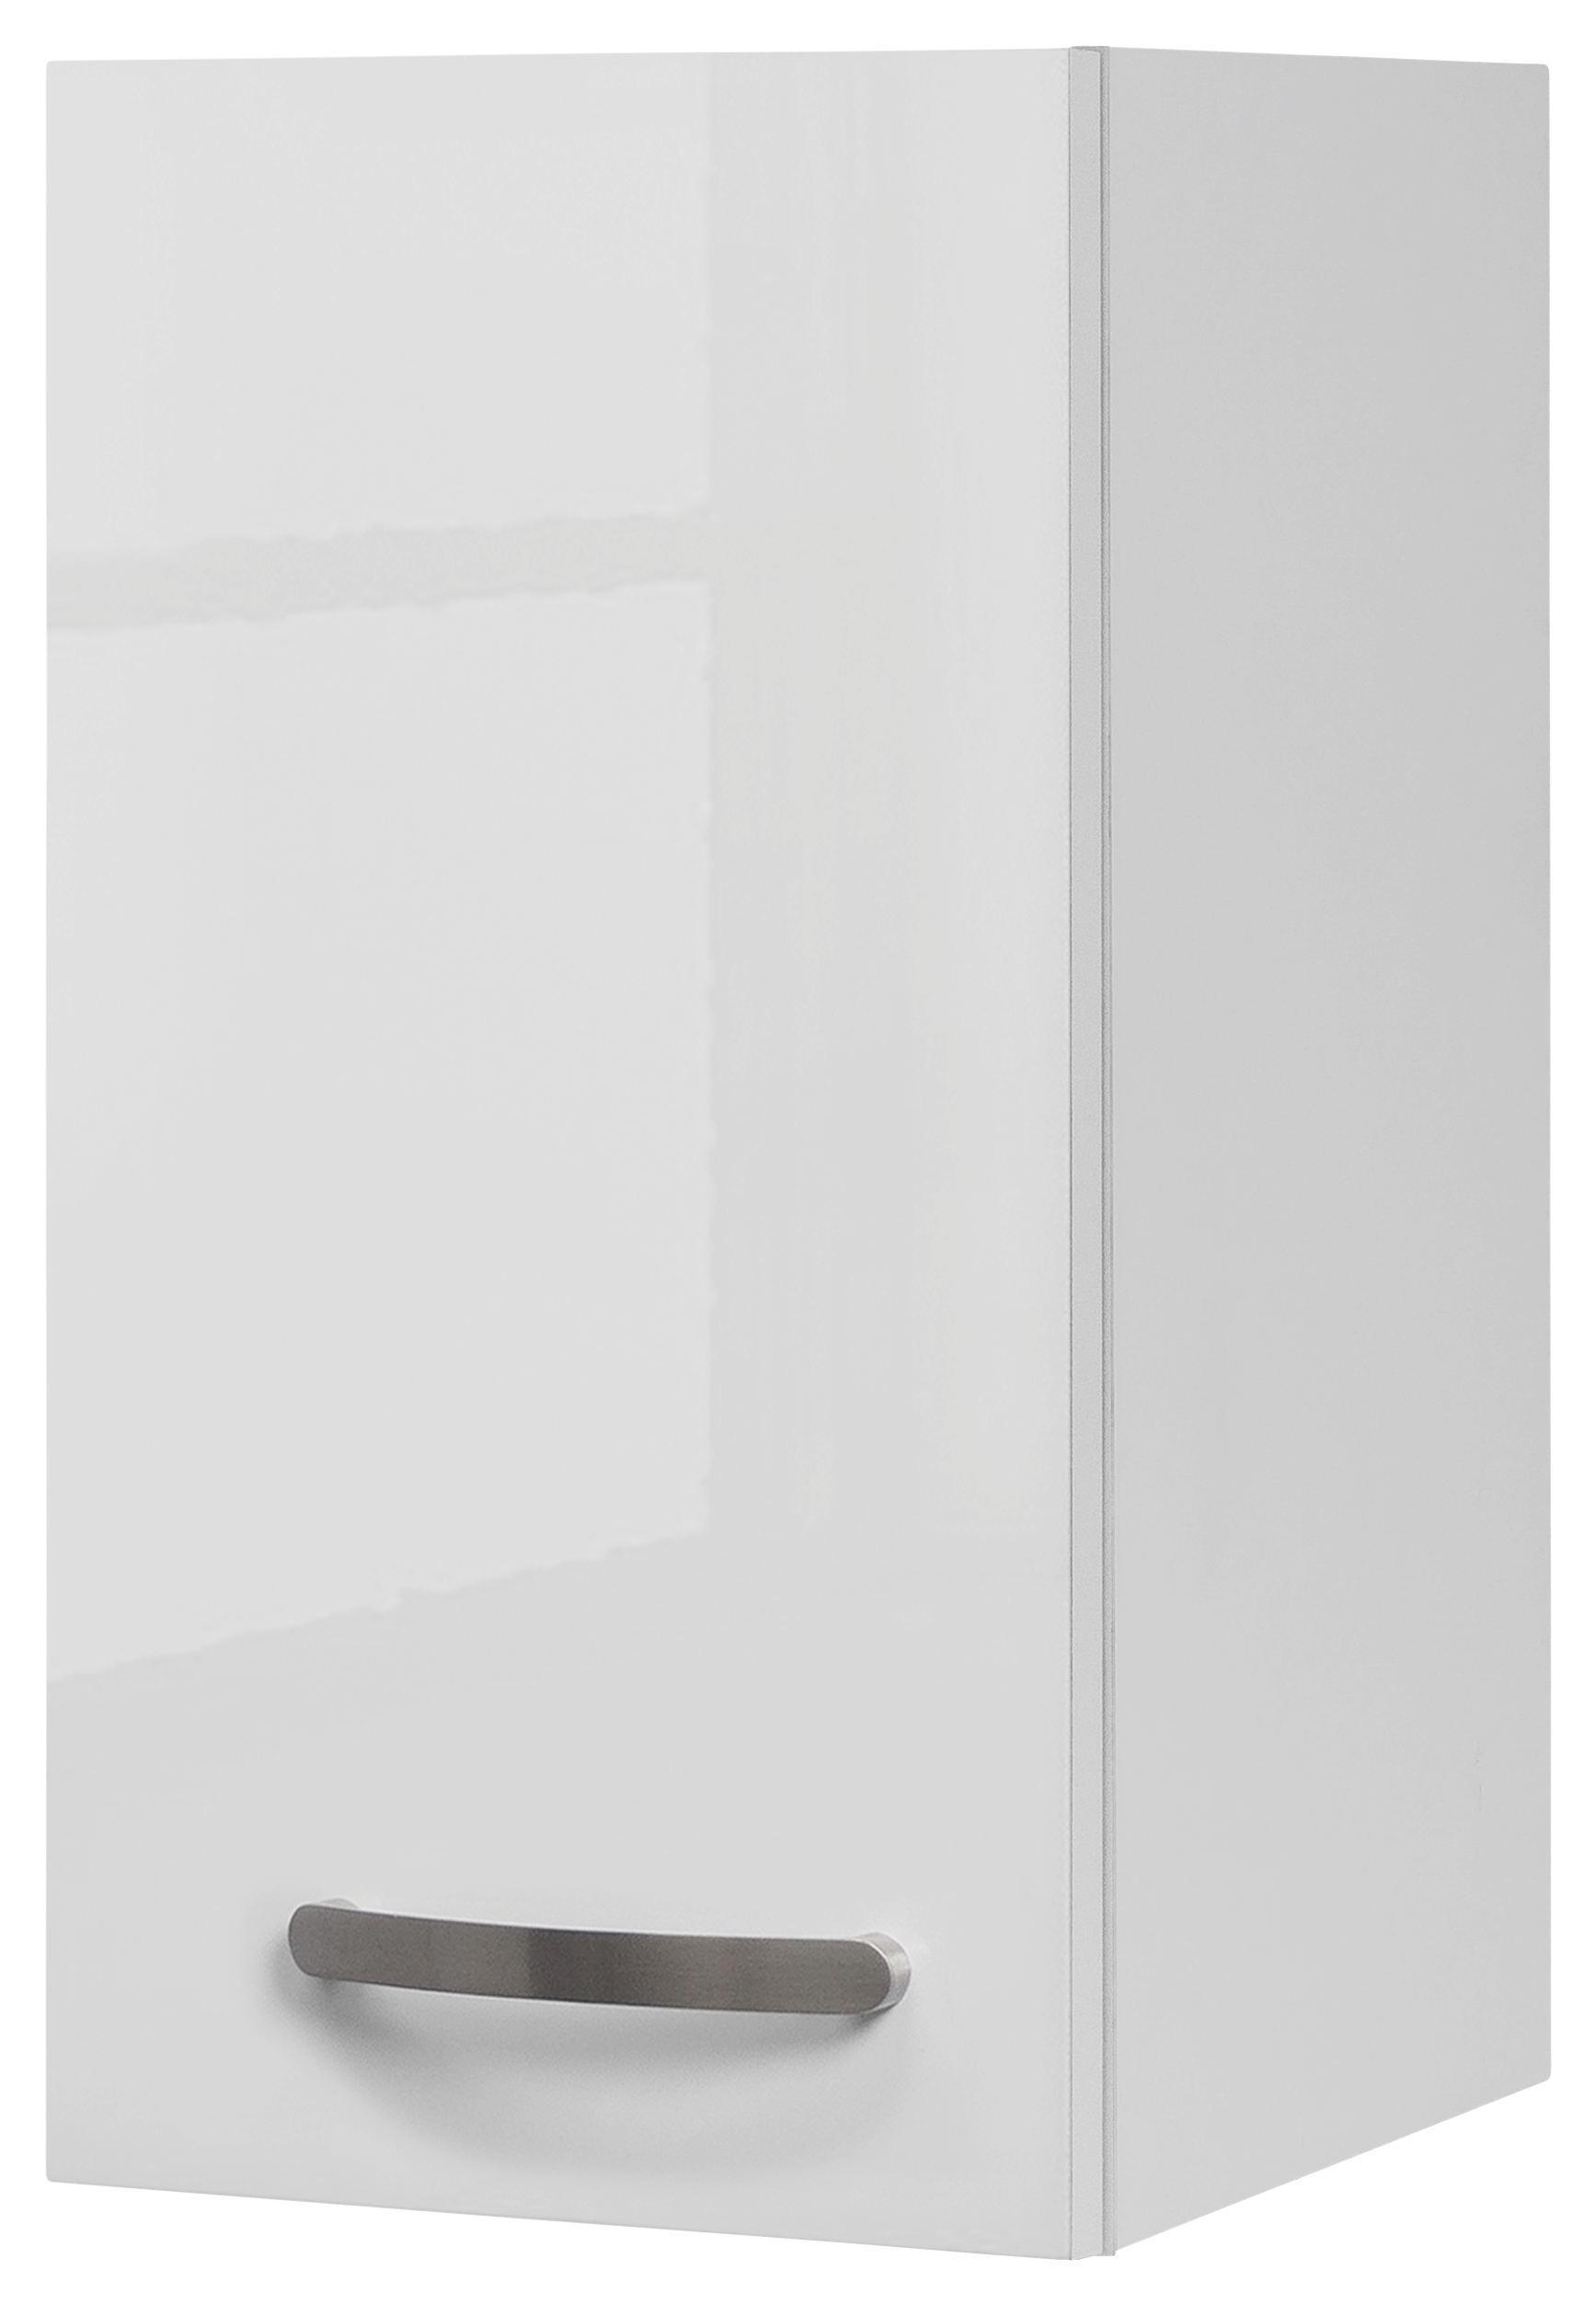 Küchenoberschrank Alba H30 online kaufen ➤ Möbelix